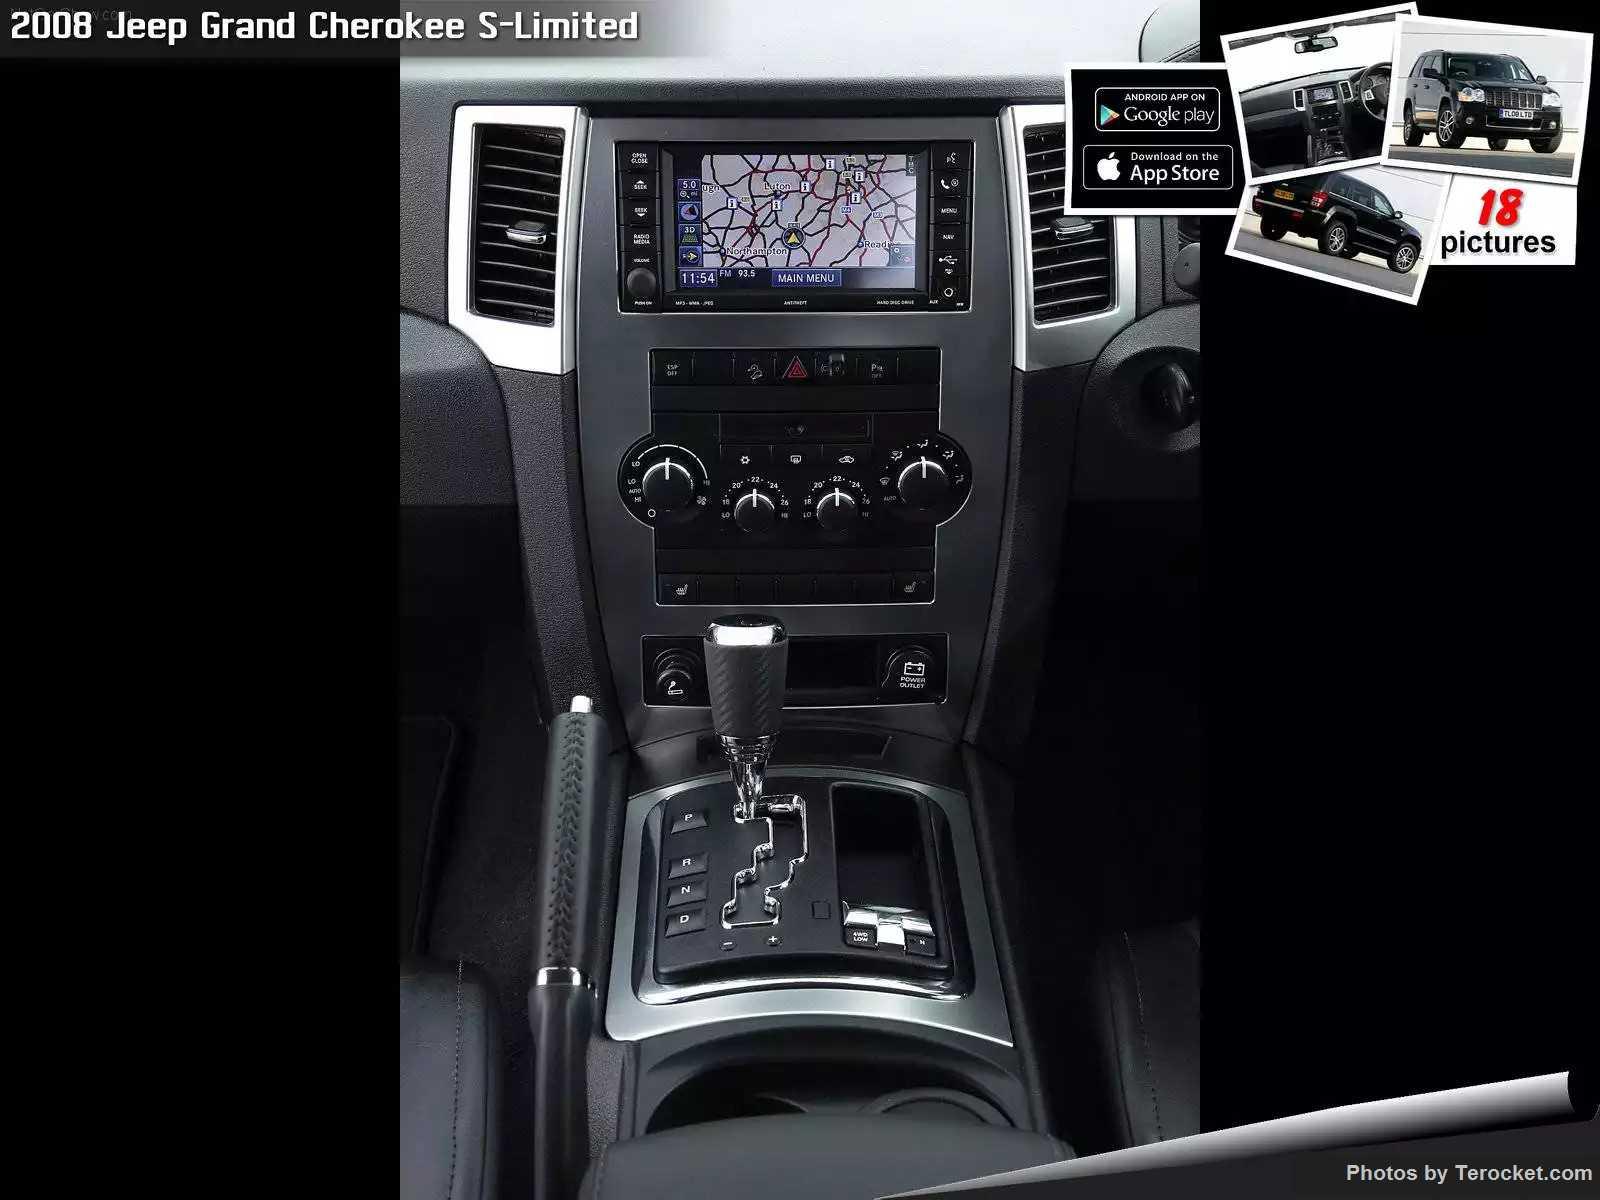 Hình ảnh xe ô tô Jeep Grand Cherokee S-Limited UK Version 2008 & nội ngoại thất